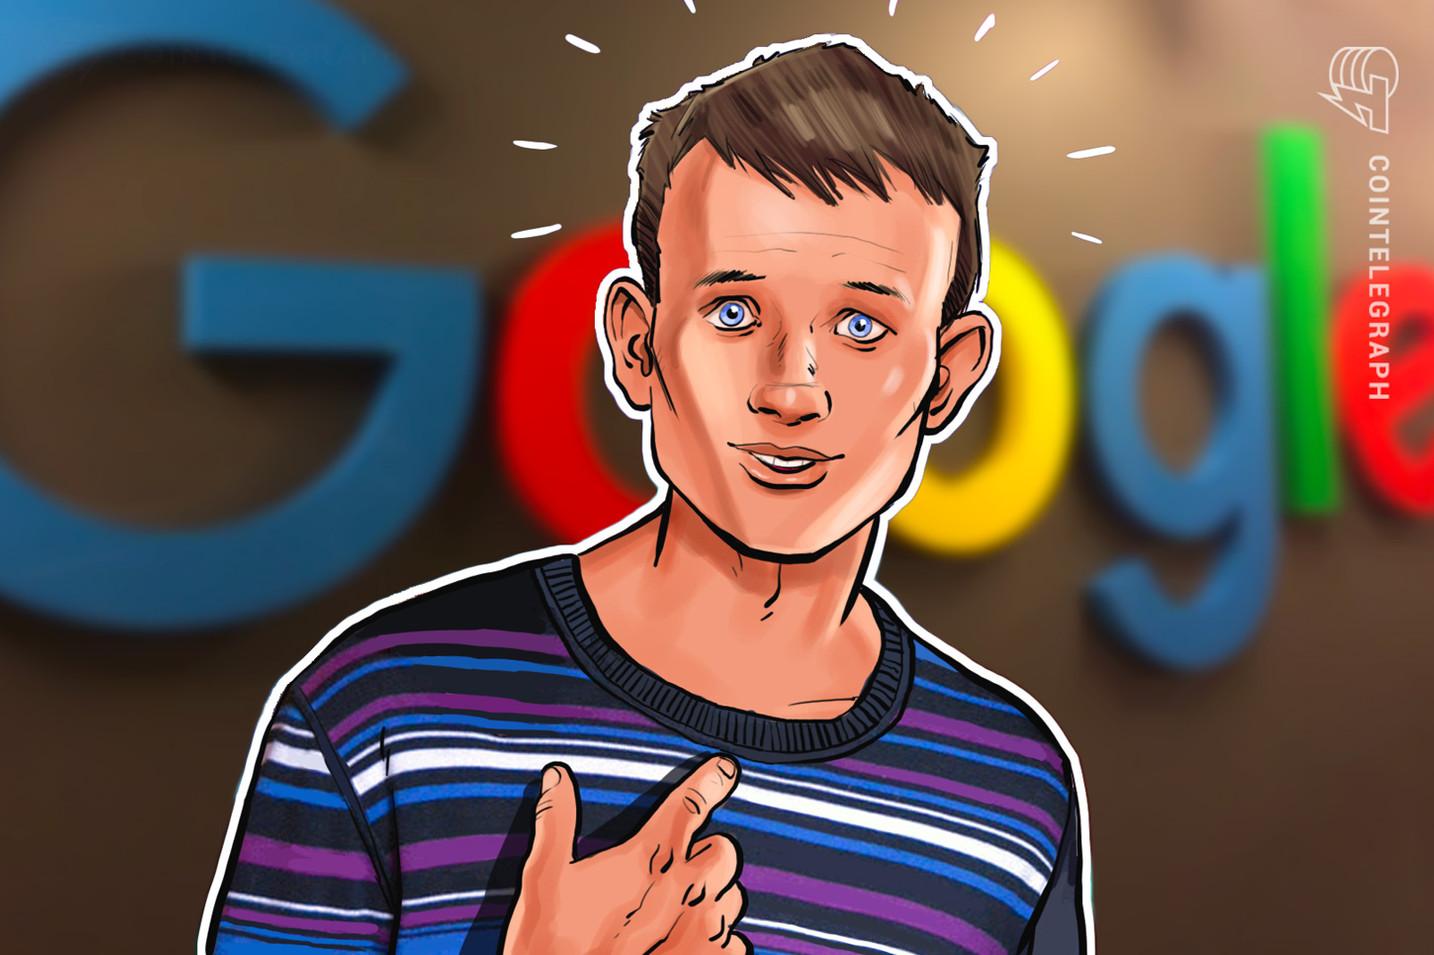 ヴィタリック氏、グーグルから就職オファー ツイッターでフォロワーに意見求める